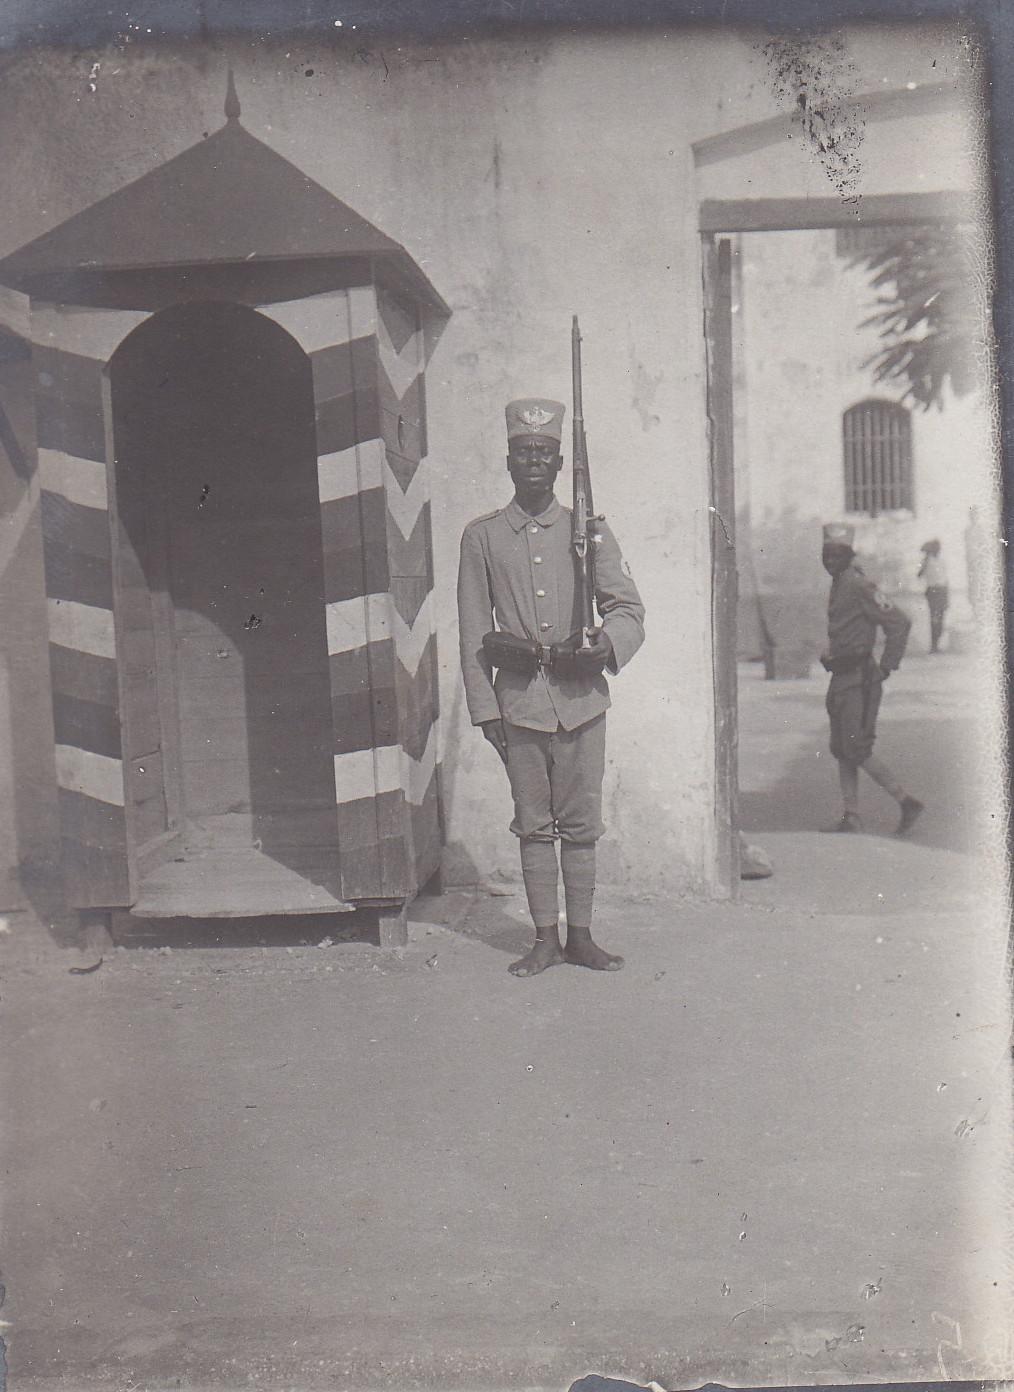 Eingang zur Kaserne der Polizei-Askaris in Daressalam